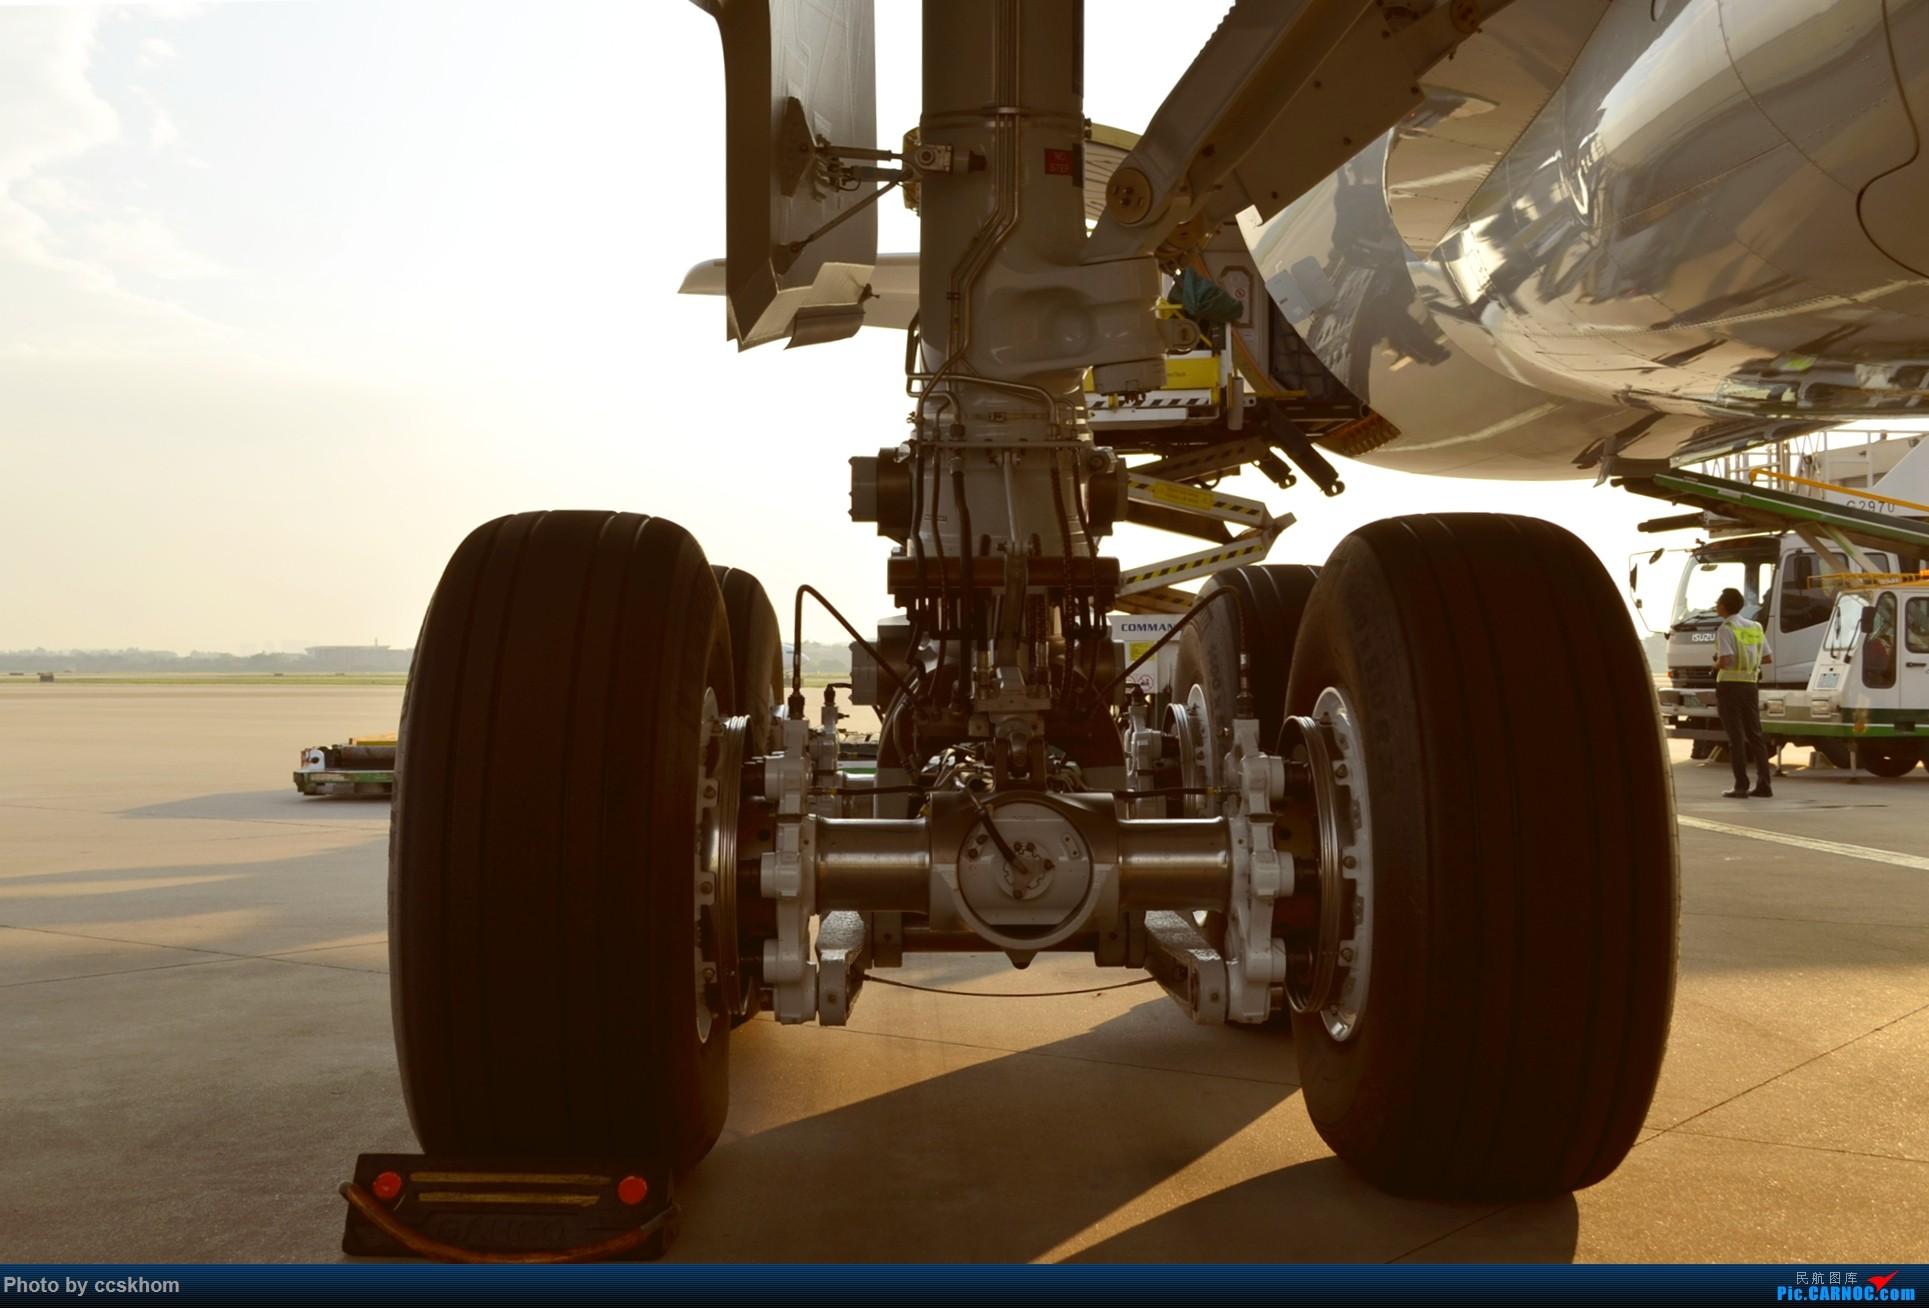 Re:在机坪接国航A350的广州首航 AIRBUS A350-900 B-1085 中国广州白云国际机场